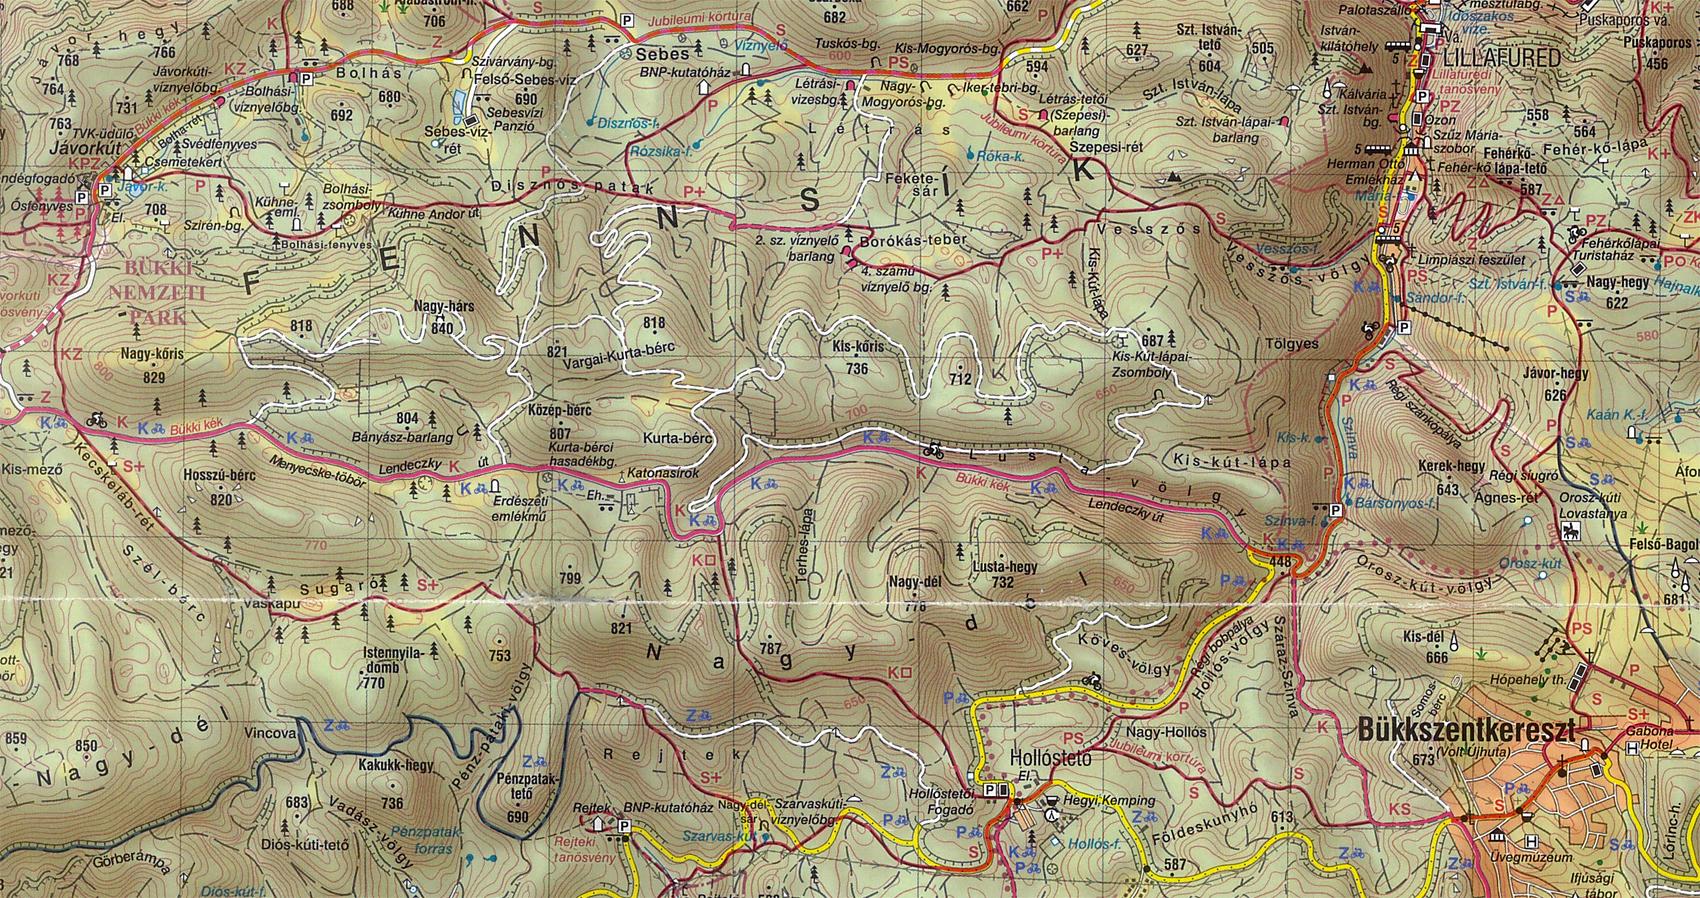 bükkszentkereszt térkép Bükk fennsík   2011.08.06. bükkszentkereszt térkép